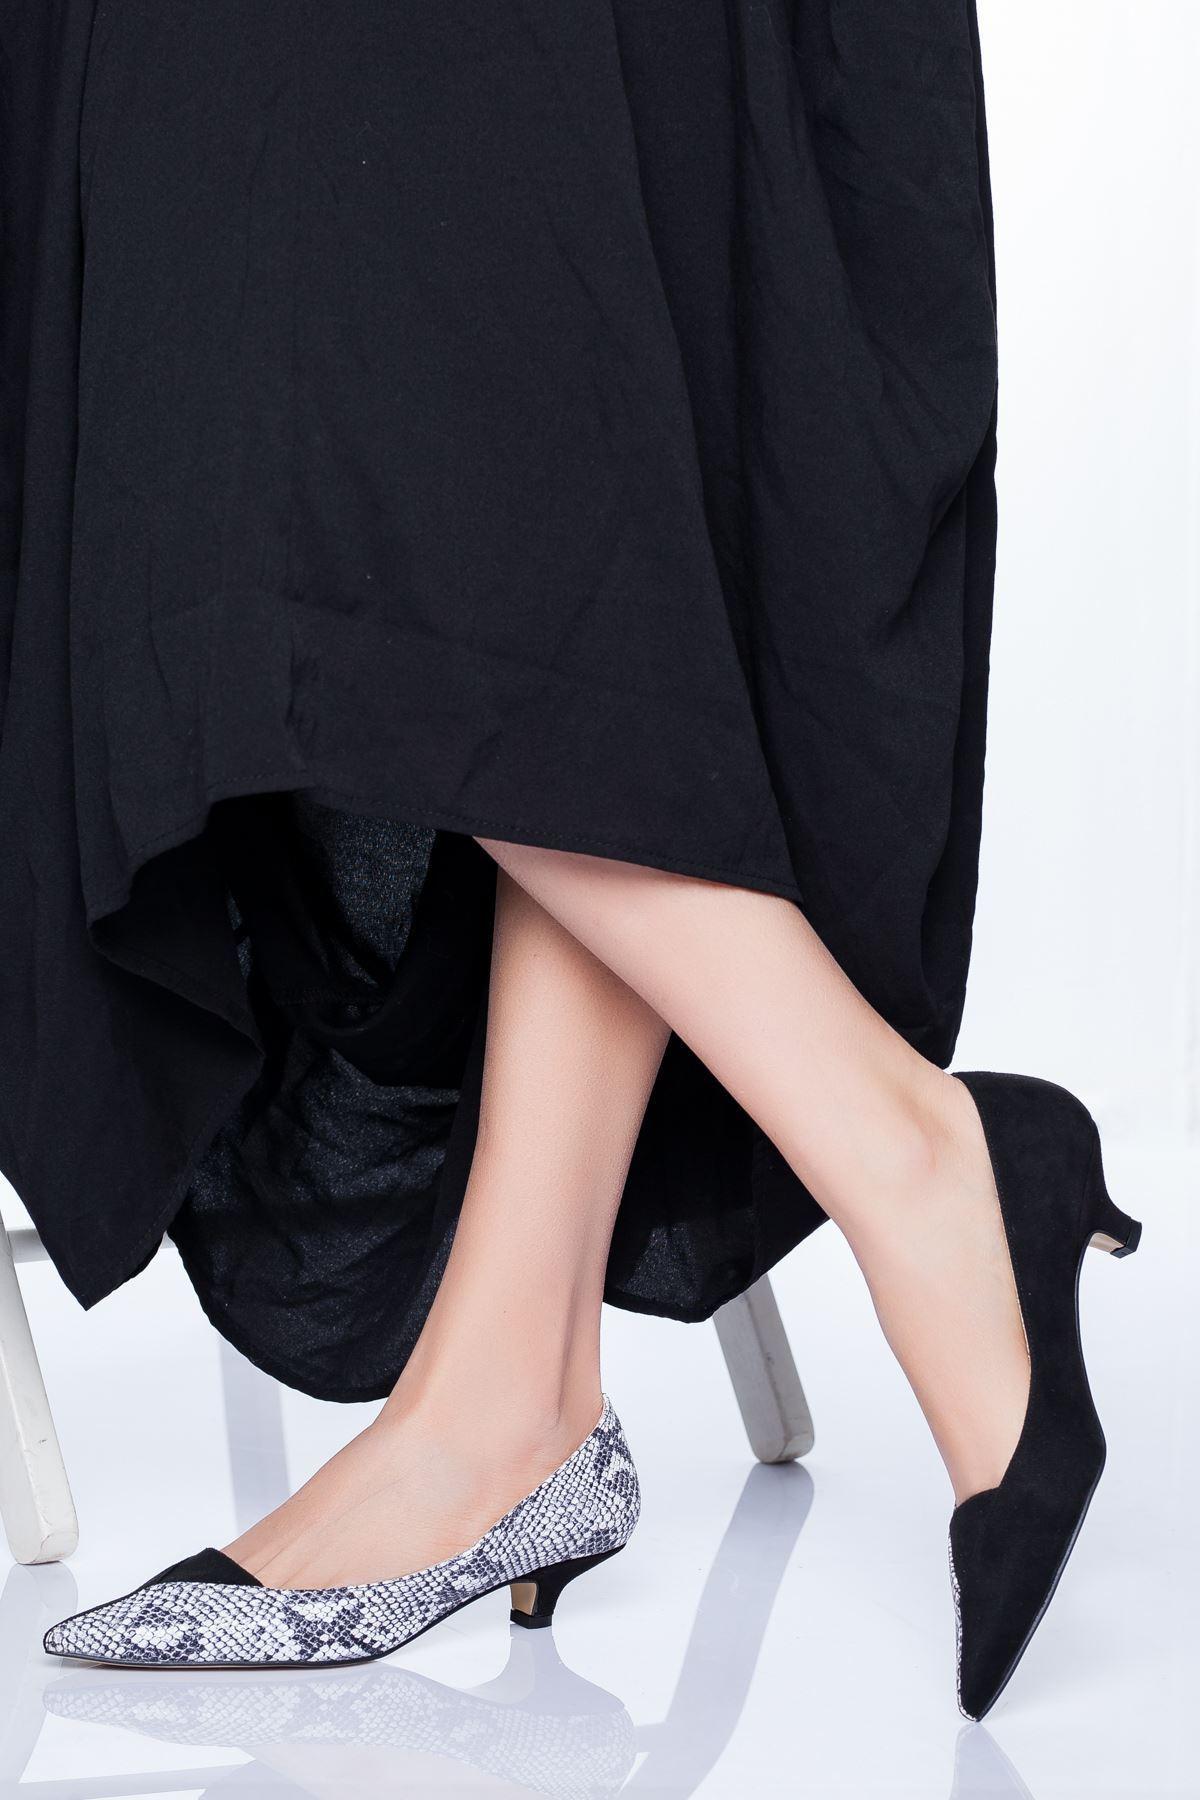 Limsi Kısa Topuklu Sivri Burun Ayakkabı Siyah-Yılan